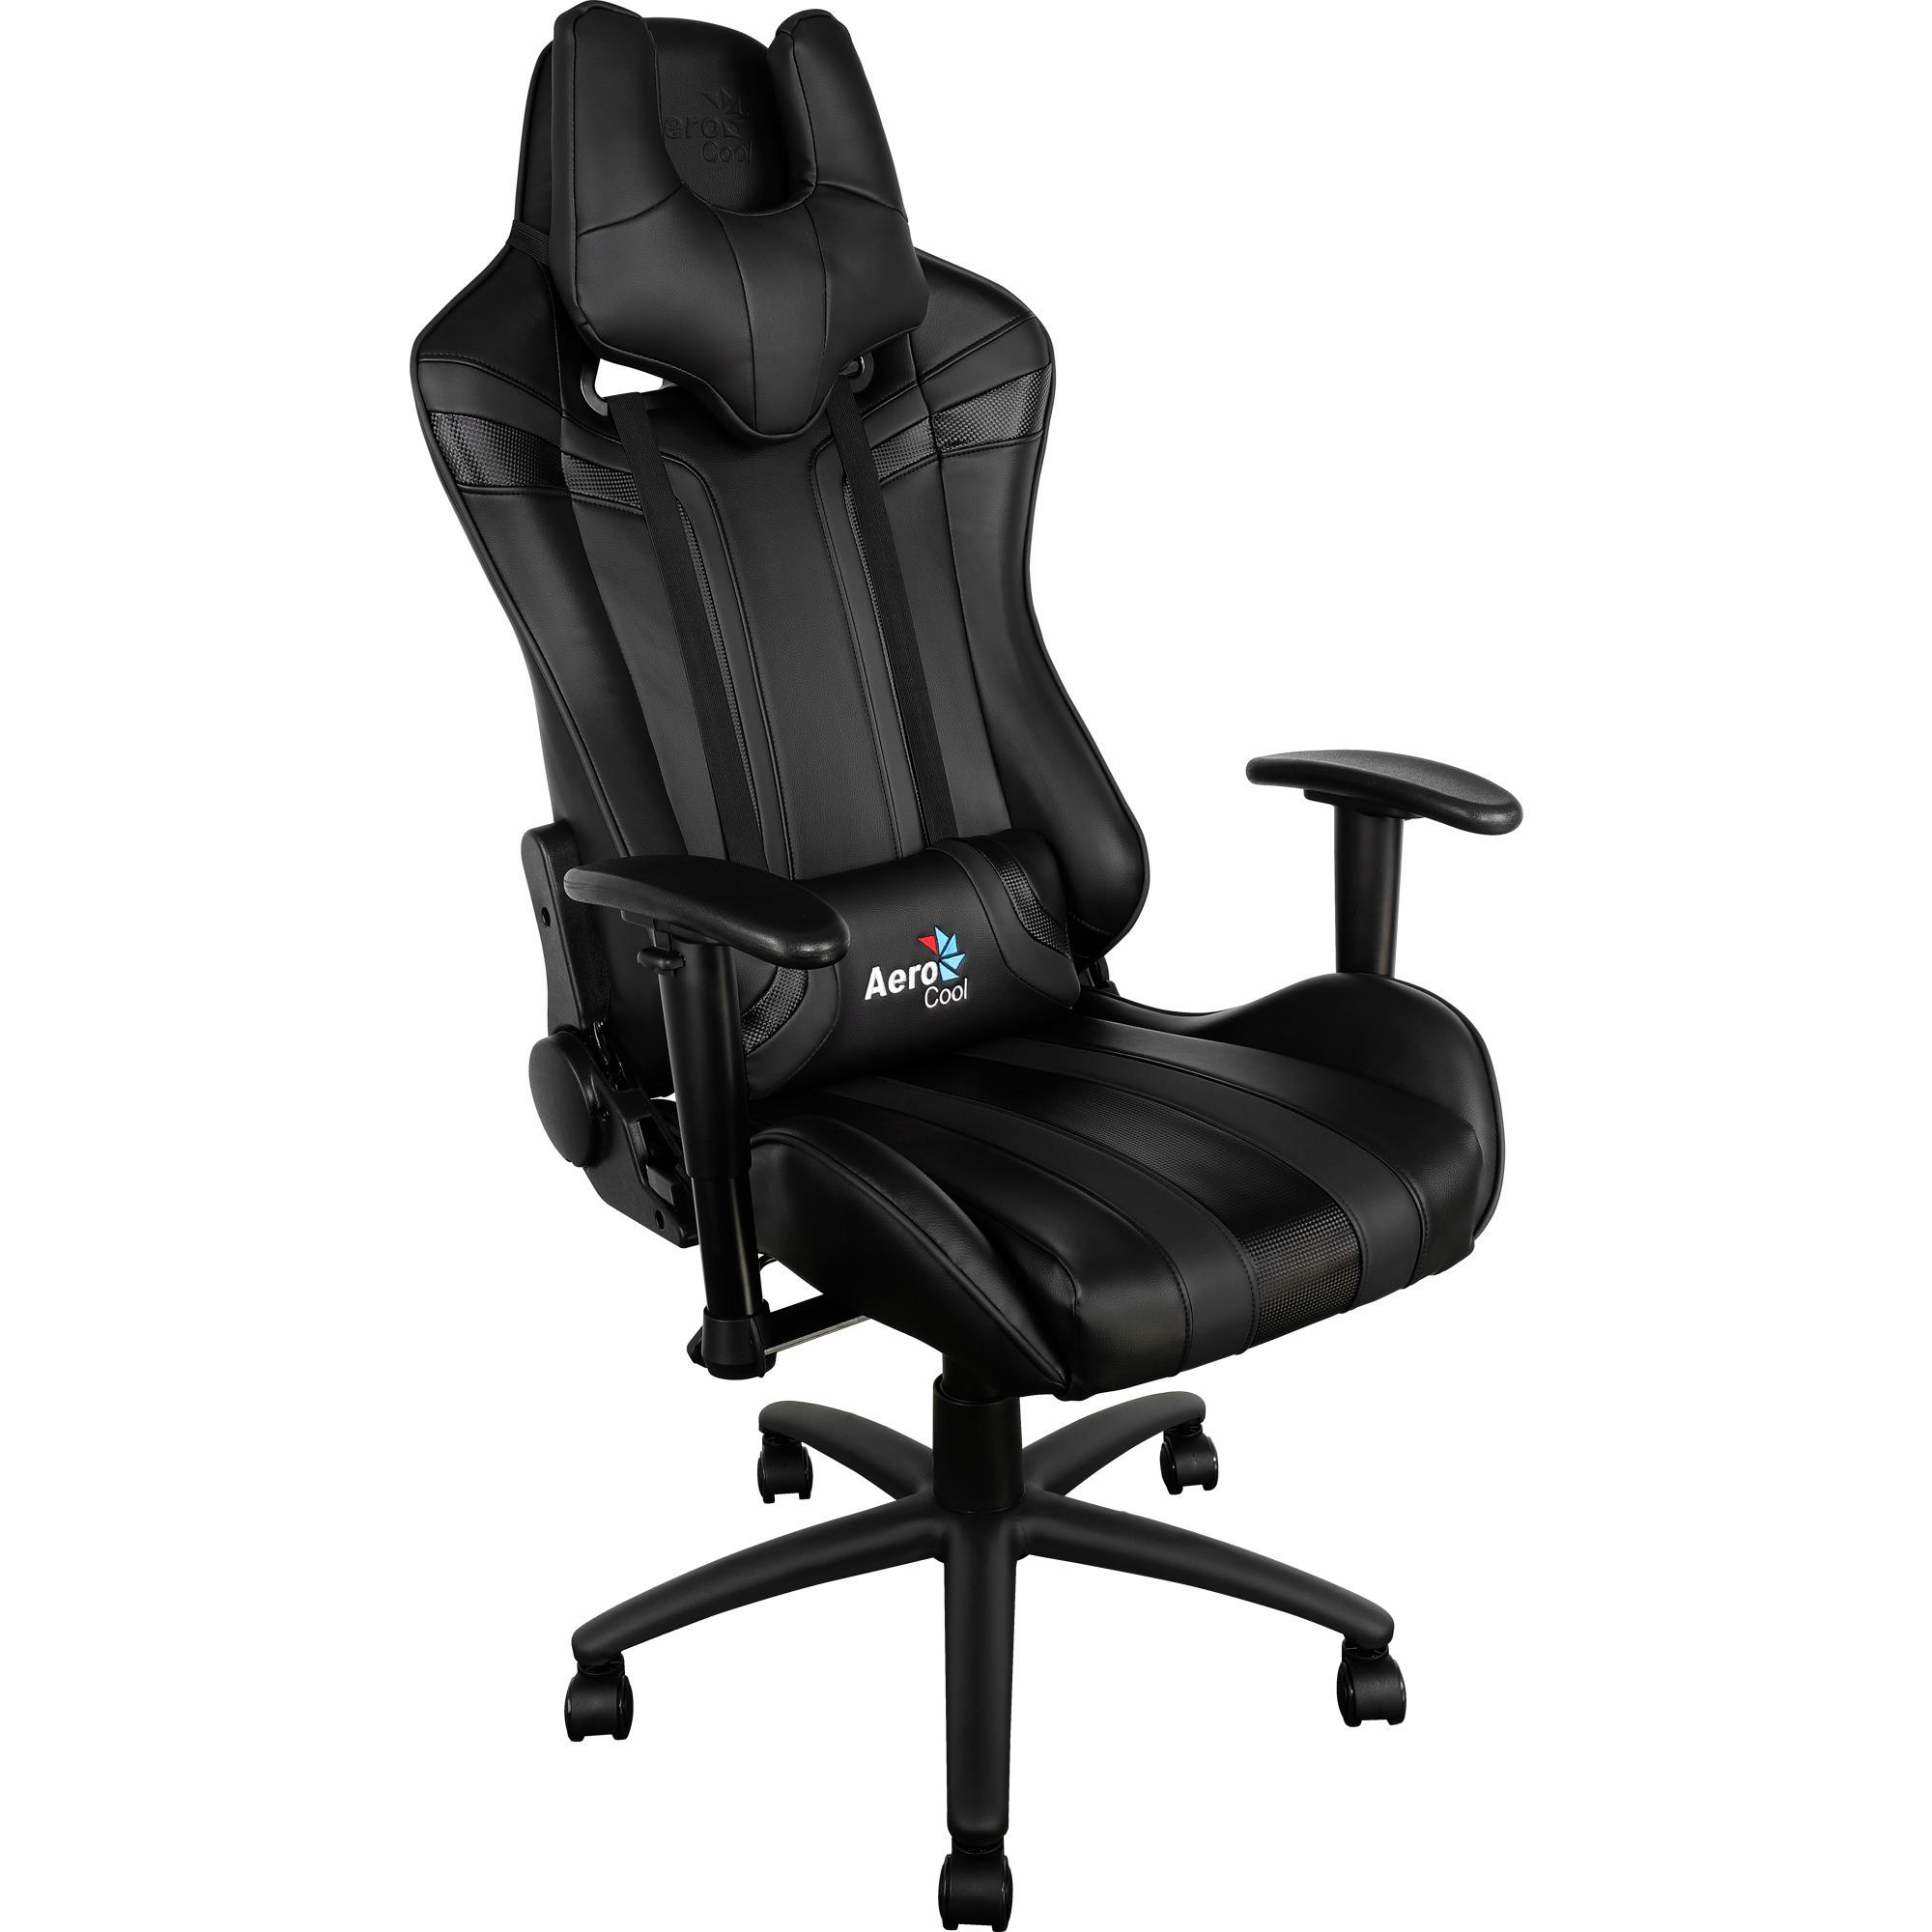 Aerocool Ac120 Air Gaming Chair Gaming Stuhl Schwarz